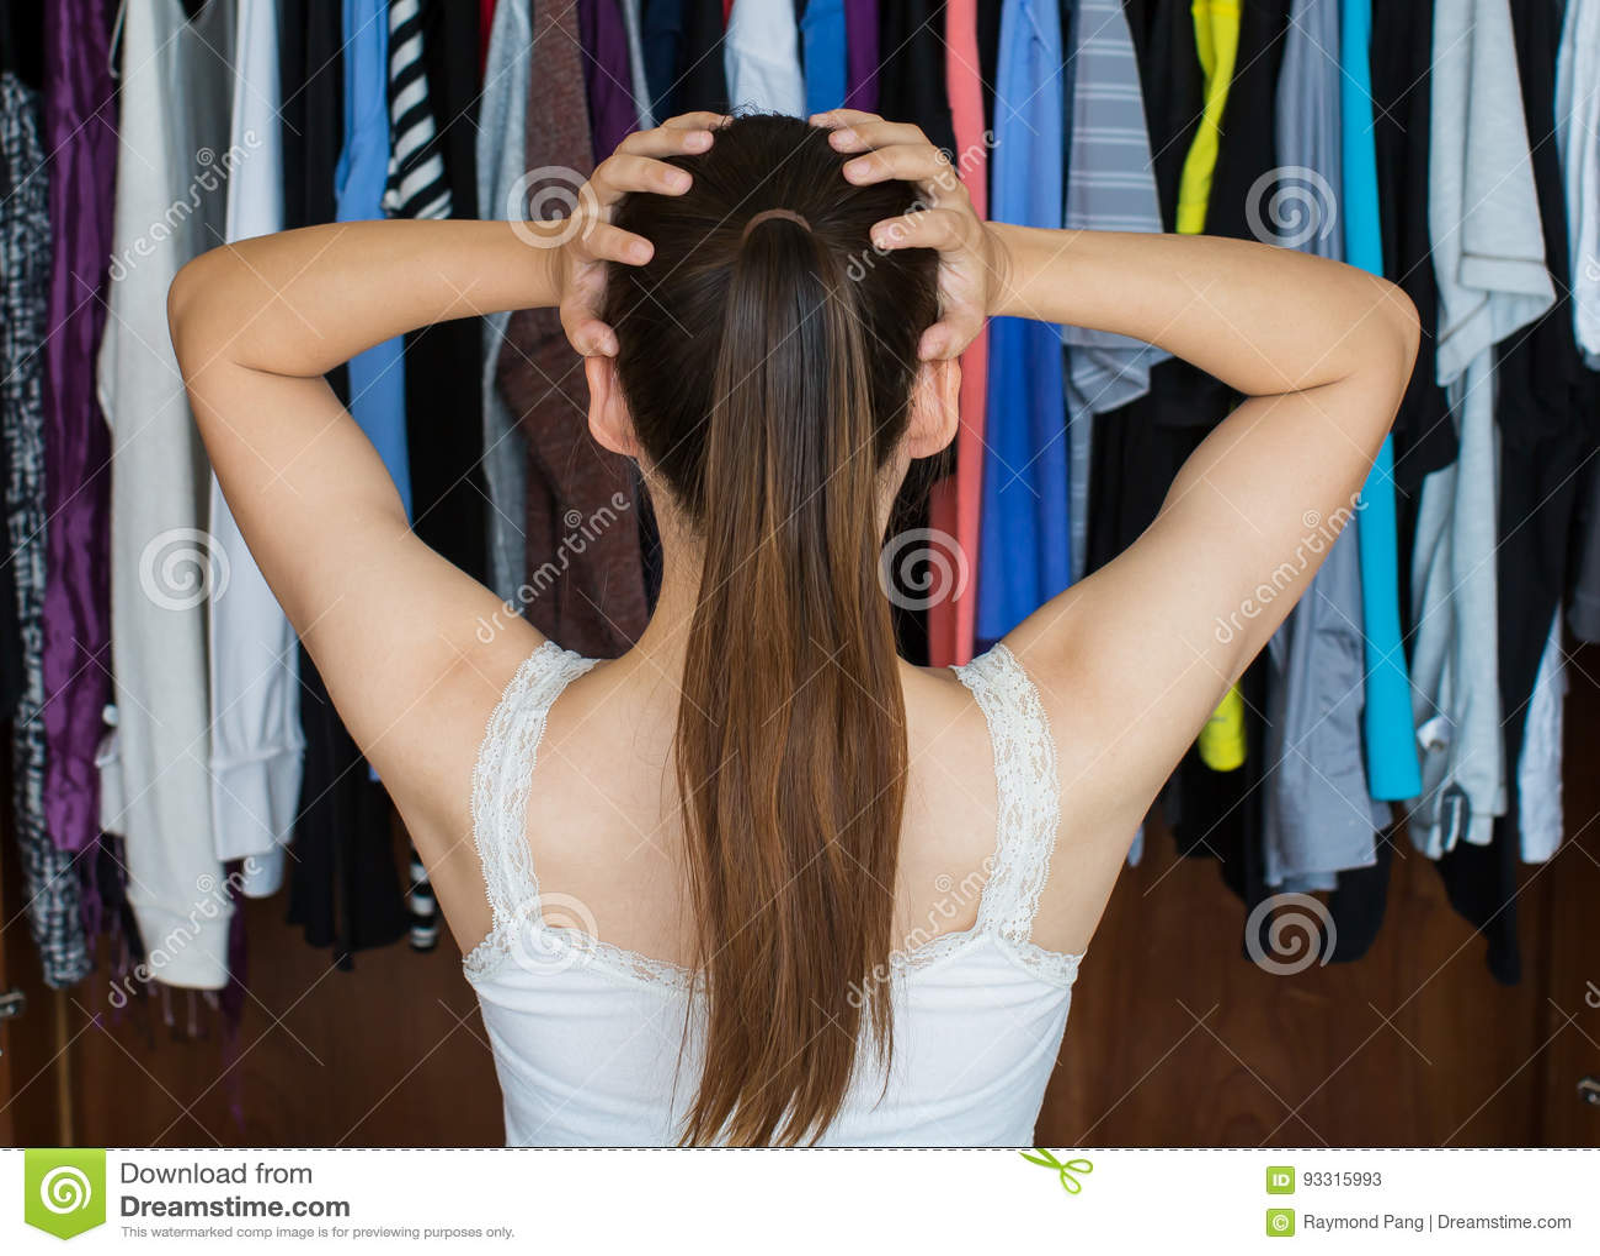 Sfrustowana młoda kobieta no może decydować co być ubranym od jej zakończenia